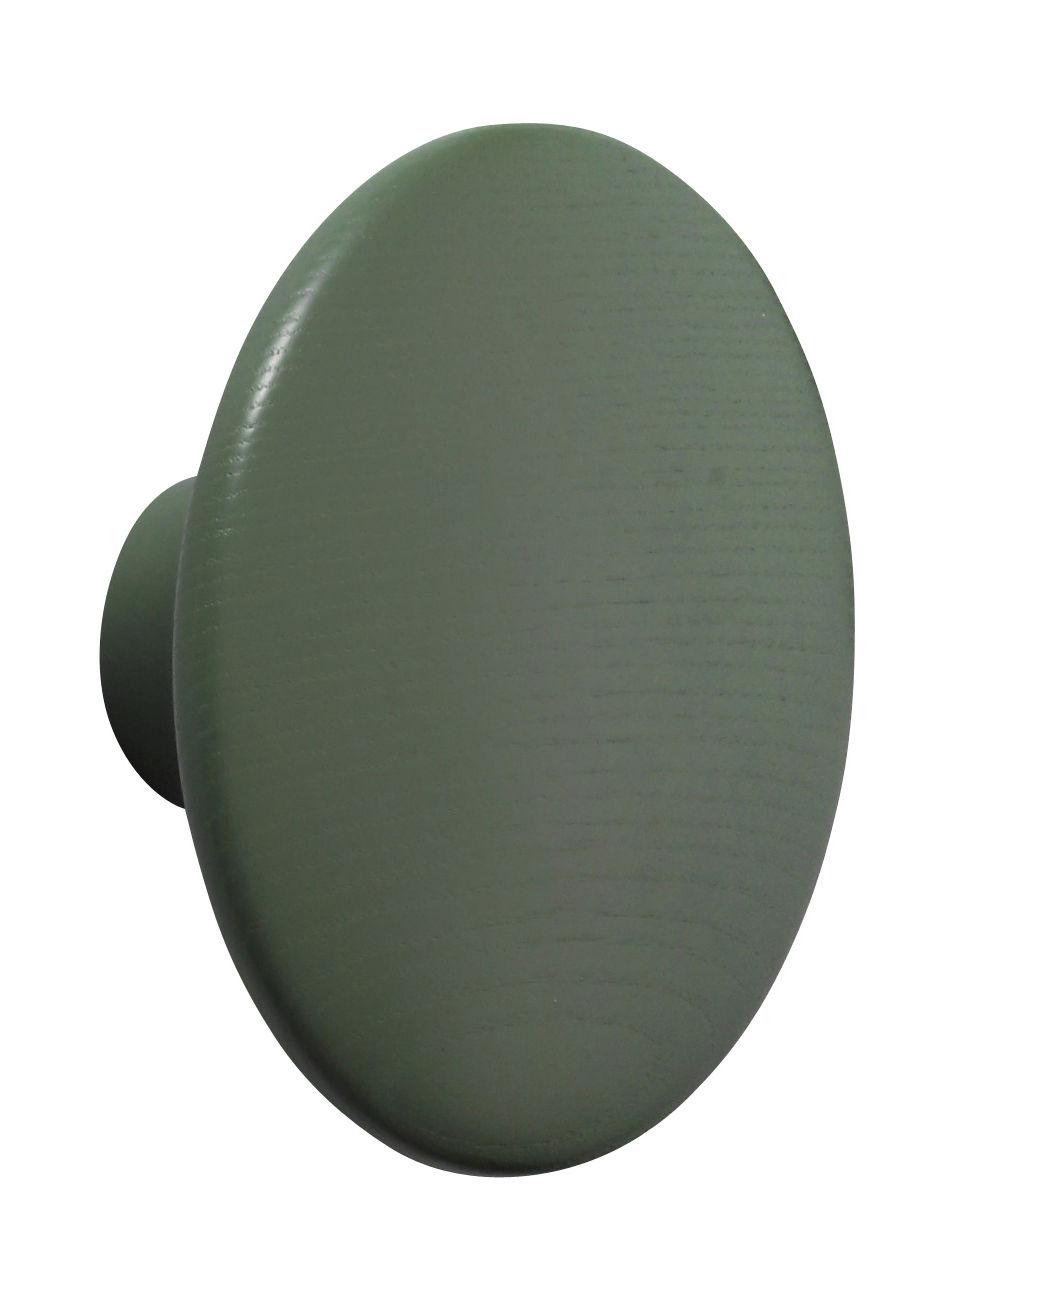 Mobilier - Portemanteaux, patères & portants - Patère The Dots / Medium - Ø 13 cm - Muuto - Vert Dusty - Frêne teinté